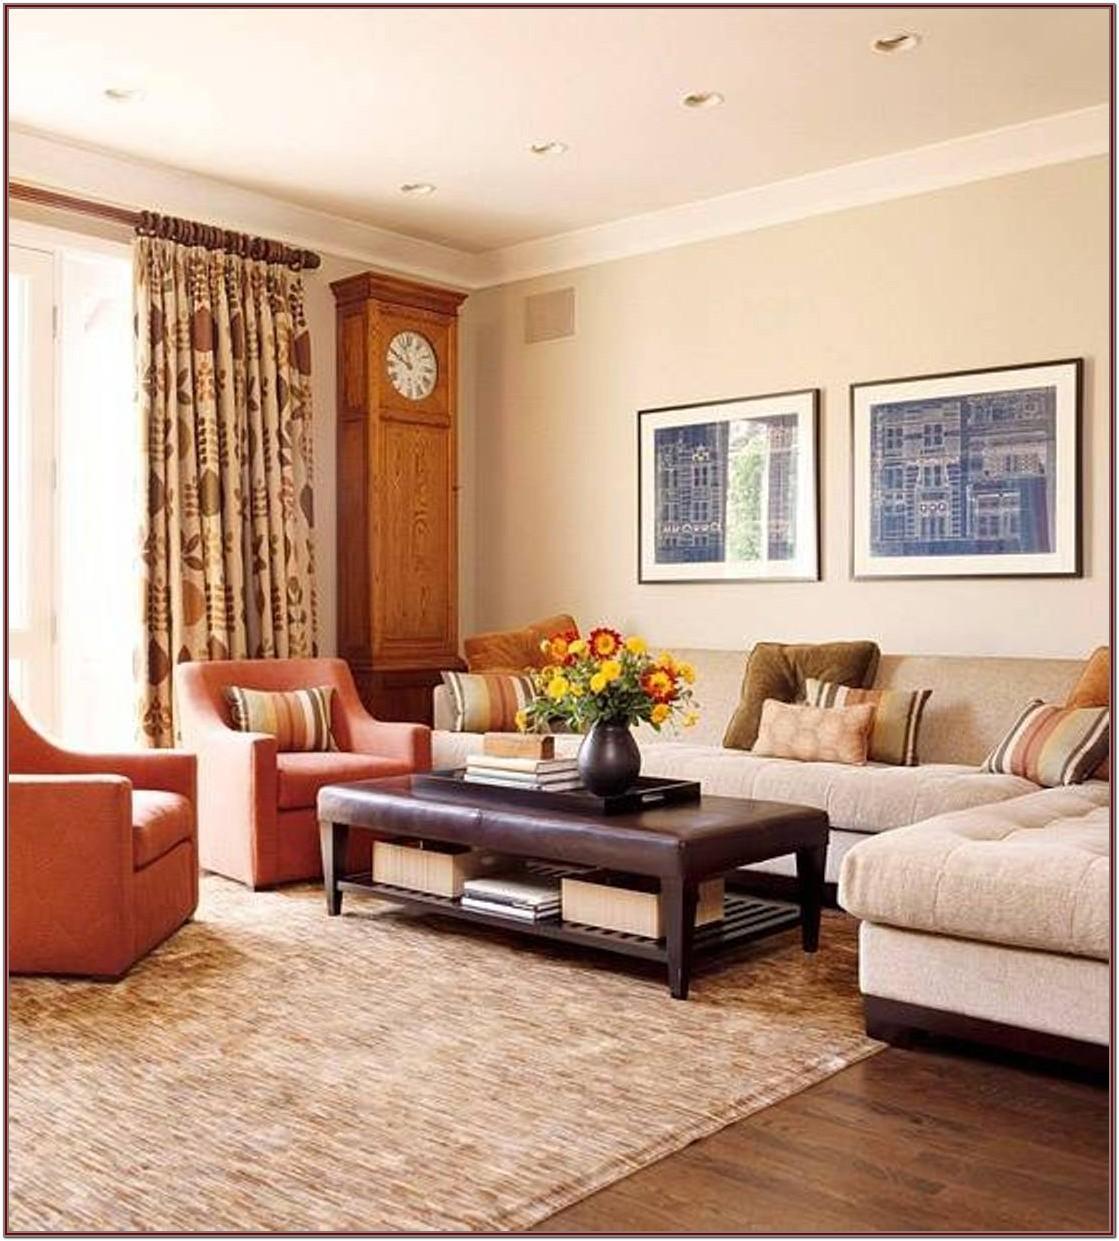 Ceiling Lighting Ideas For Living Room